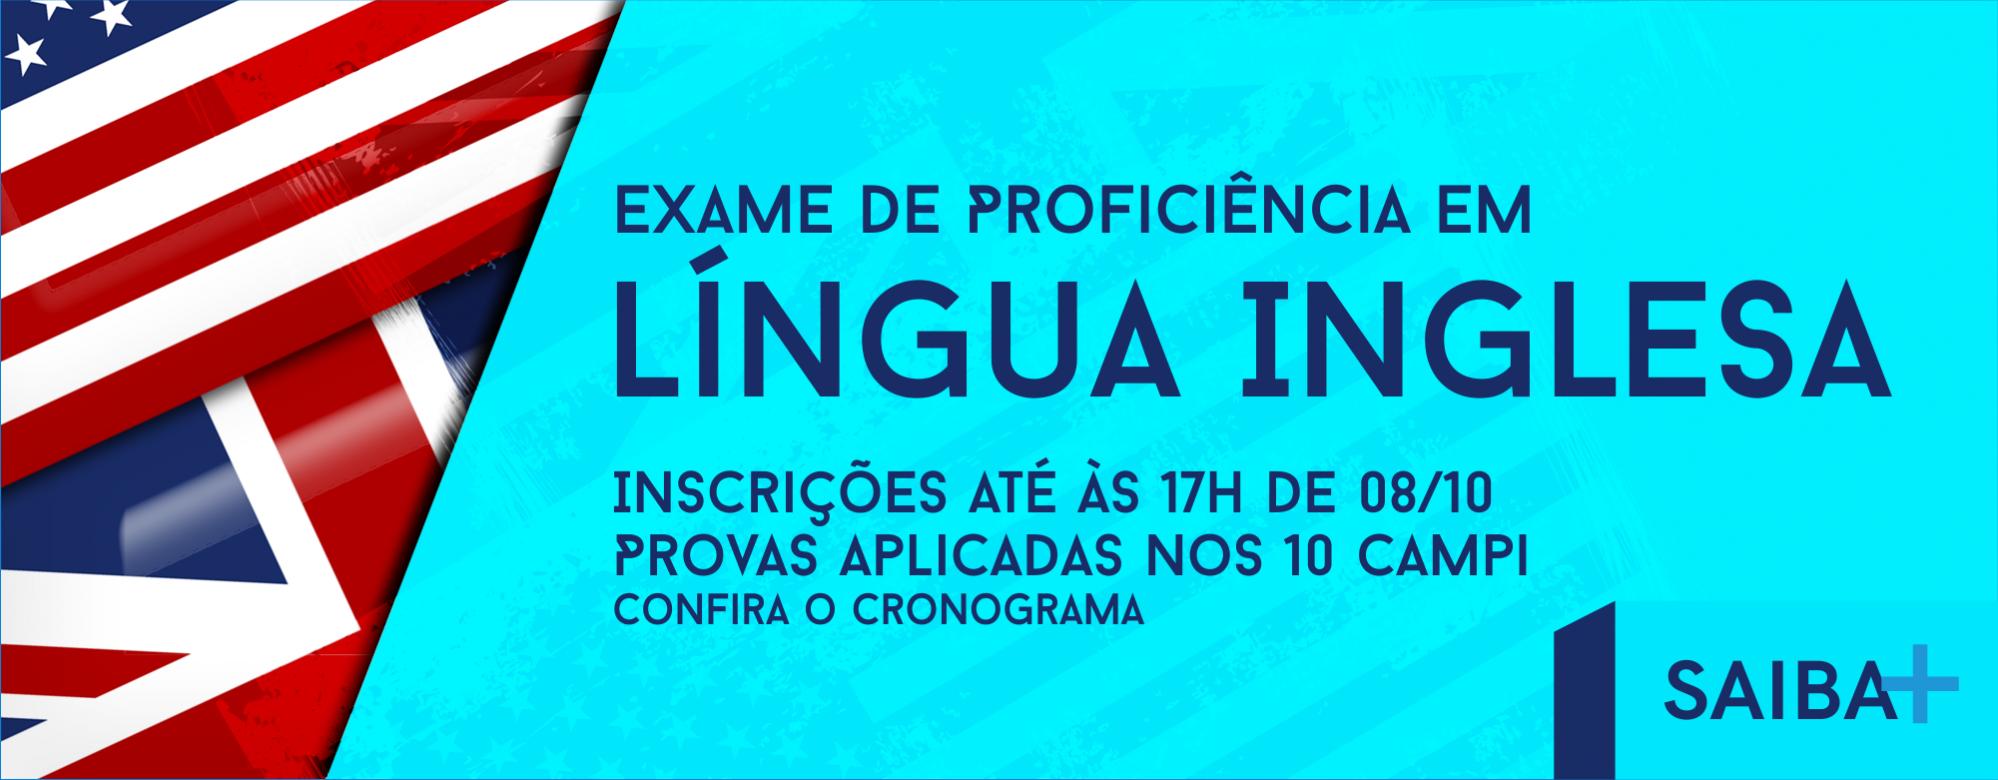 Exame de proficiência em Língua Inglesa será aplicado em novembro na Unipampa